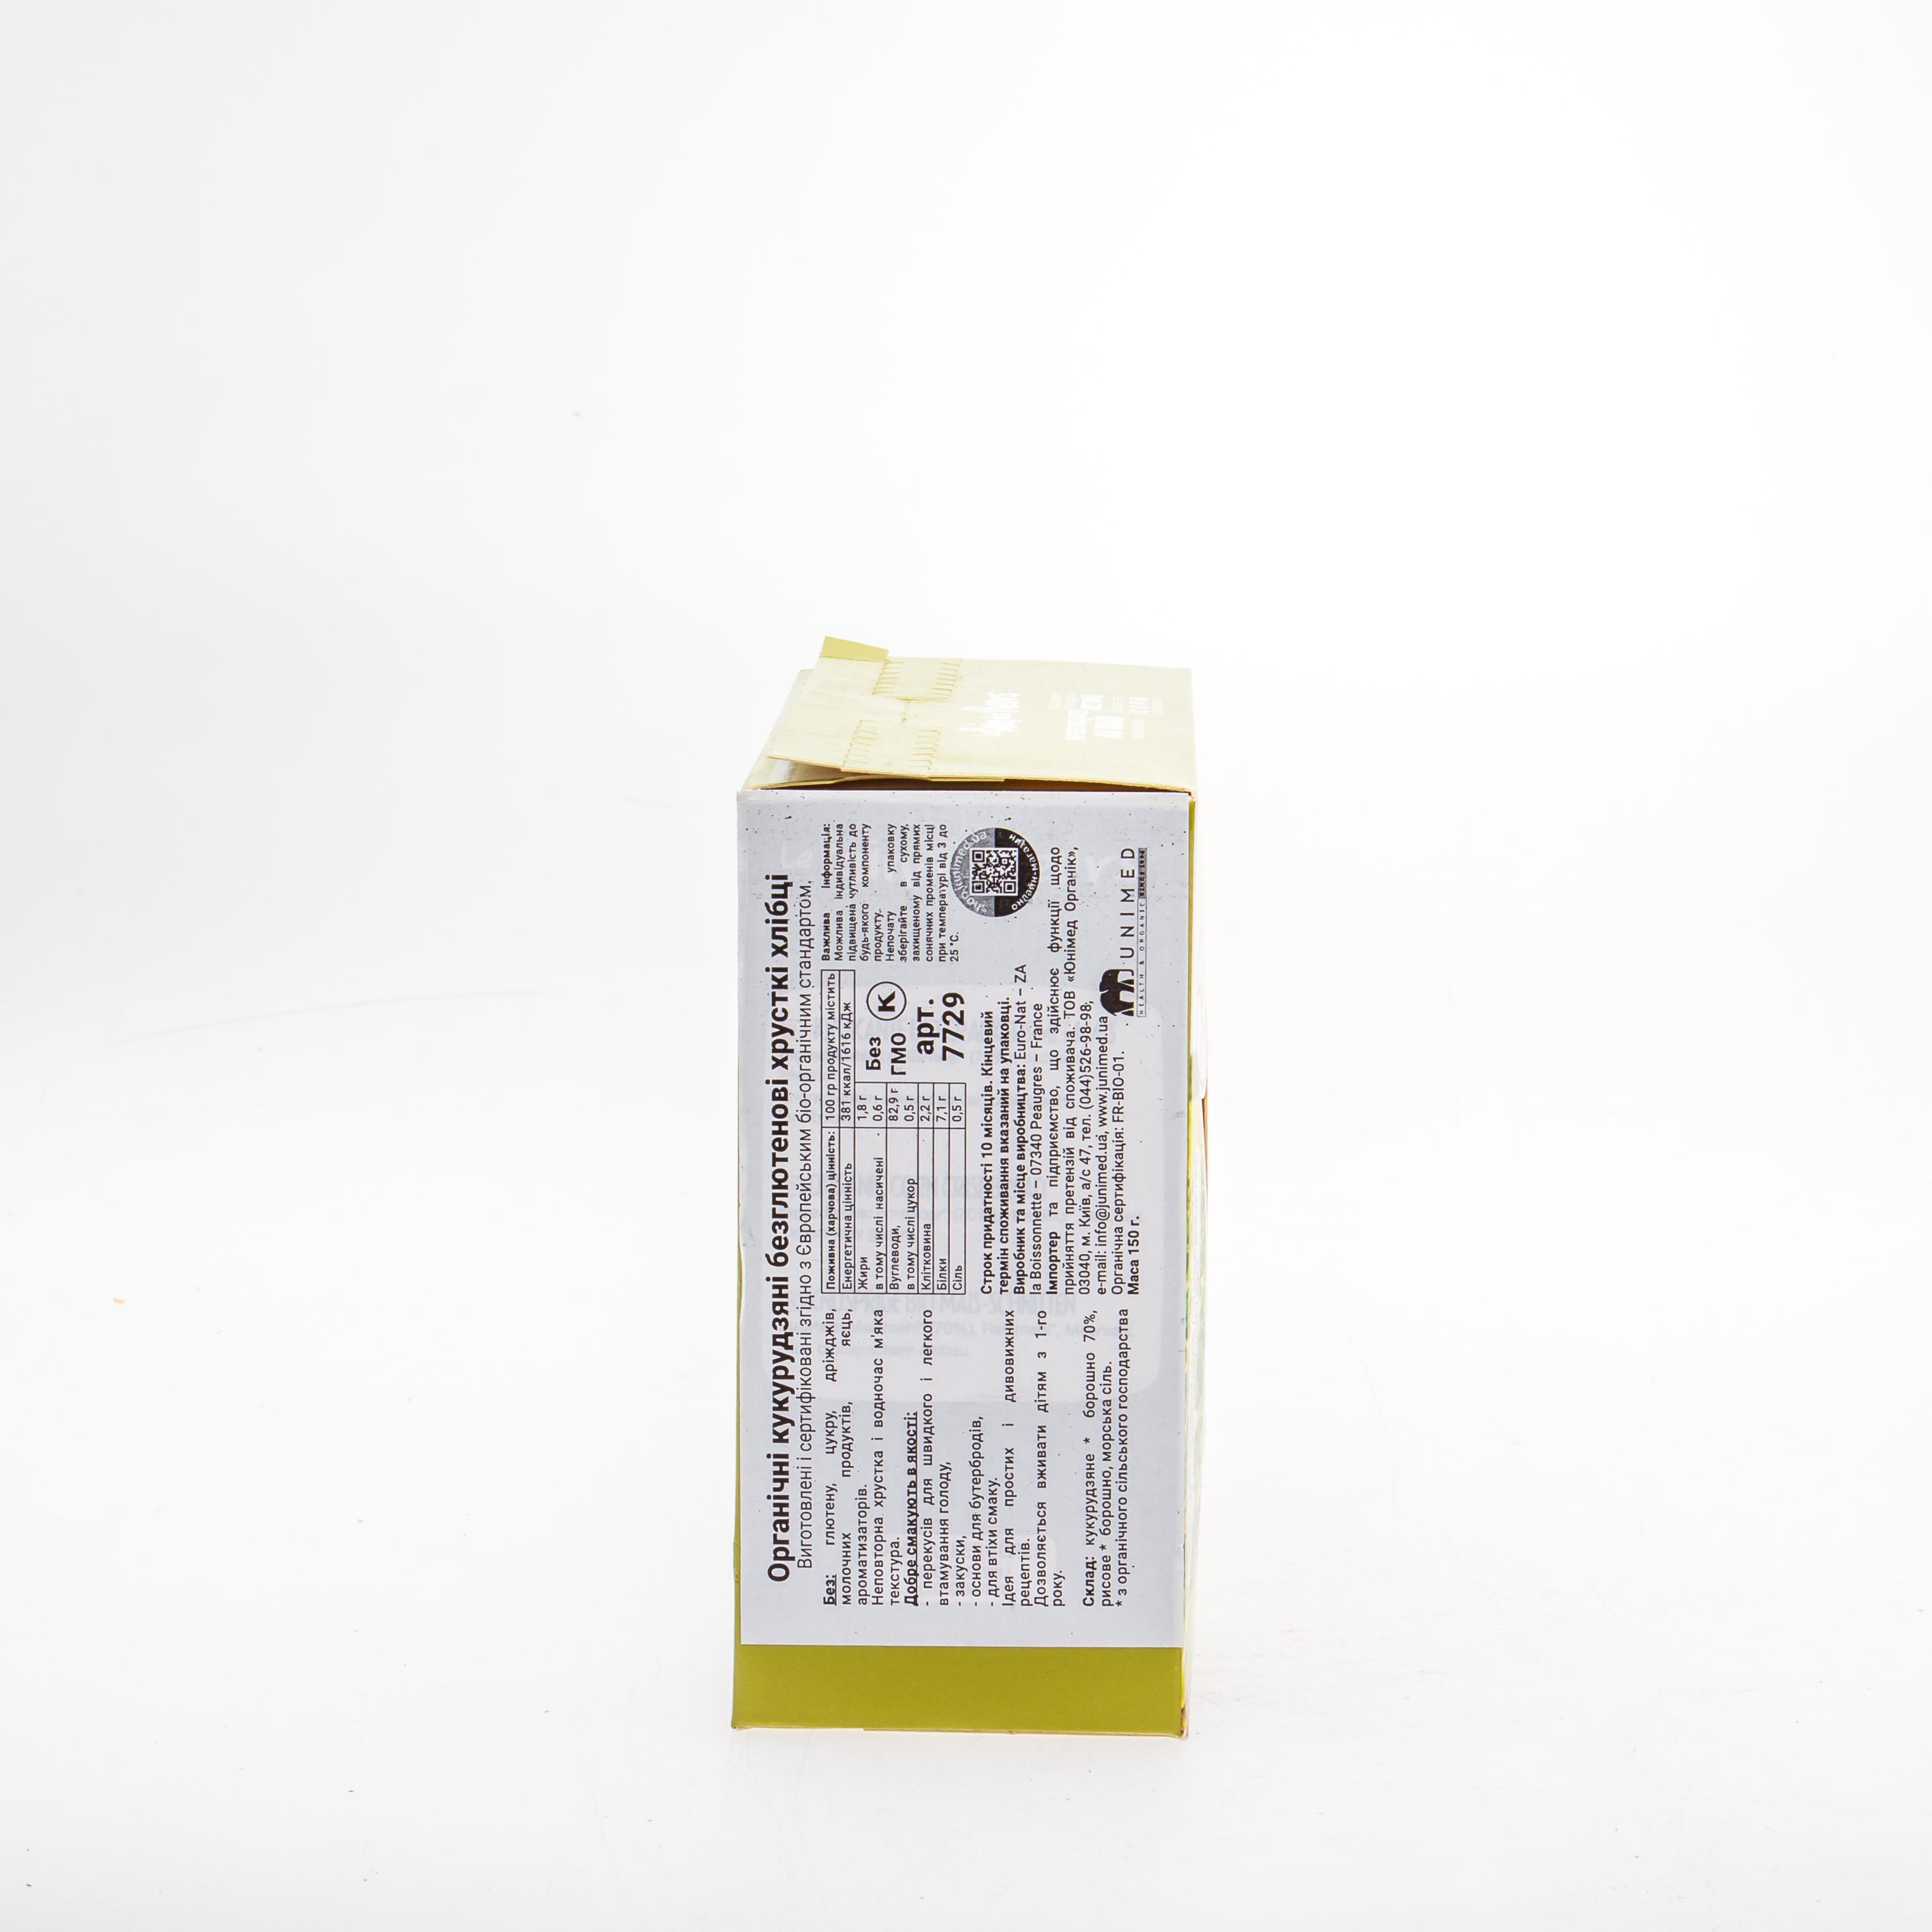 Органічні хрусткі хлібці з кукурудзи (без глютену), 150 г - купити в інтернет-магазині Юнимед